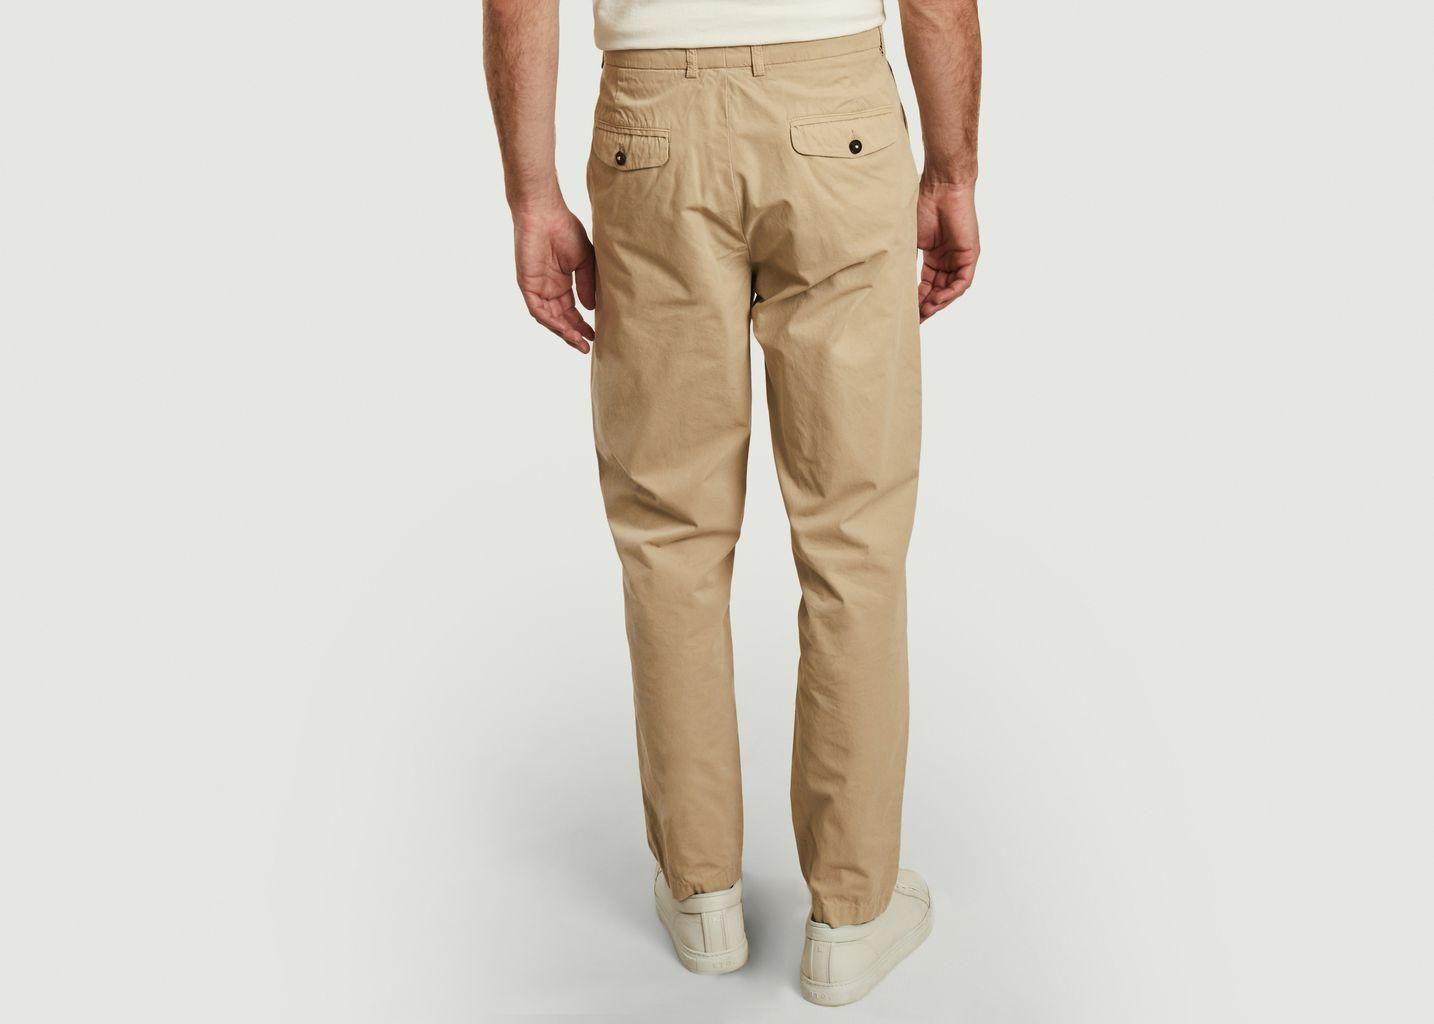 Pantalon en coton Orel Soft - Homecore